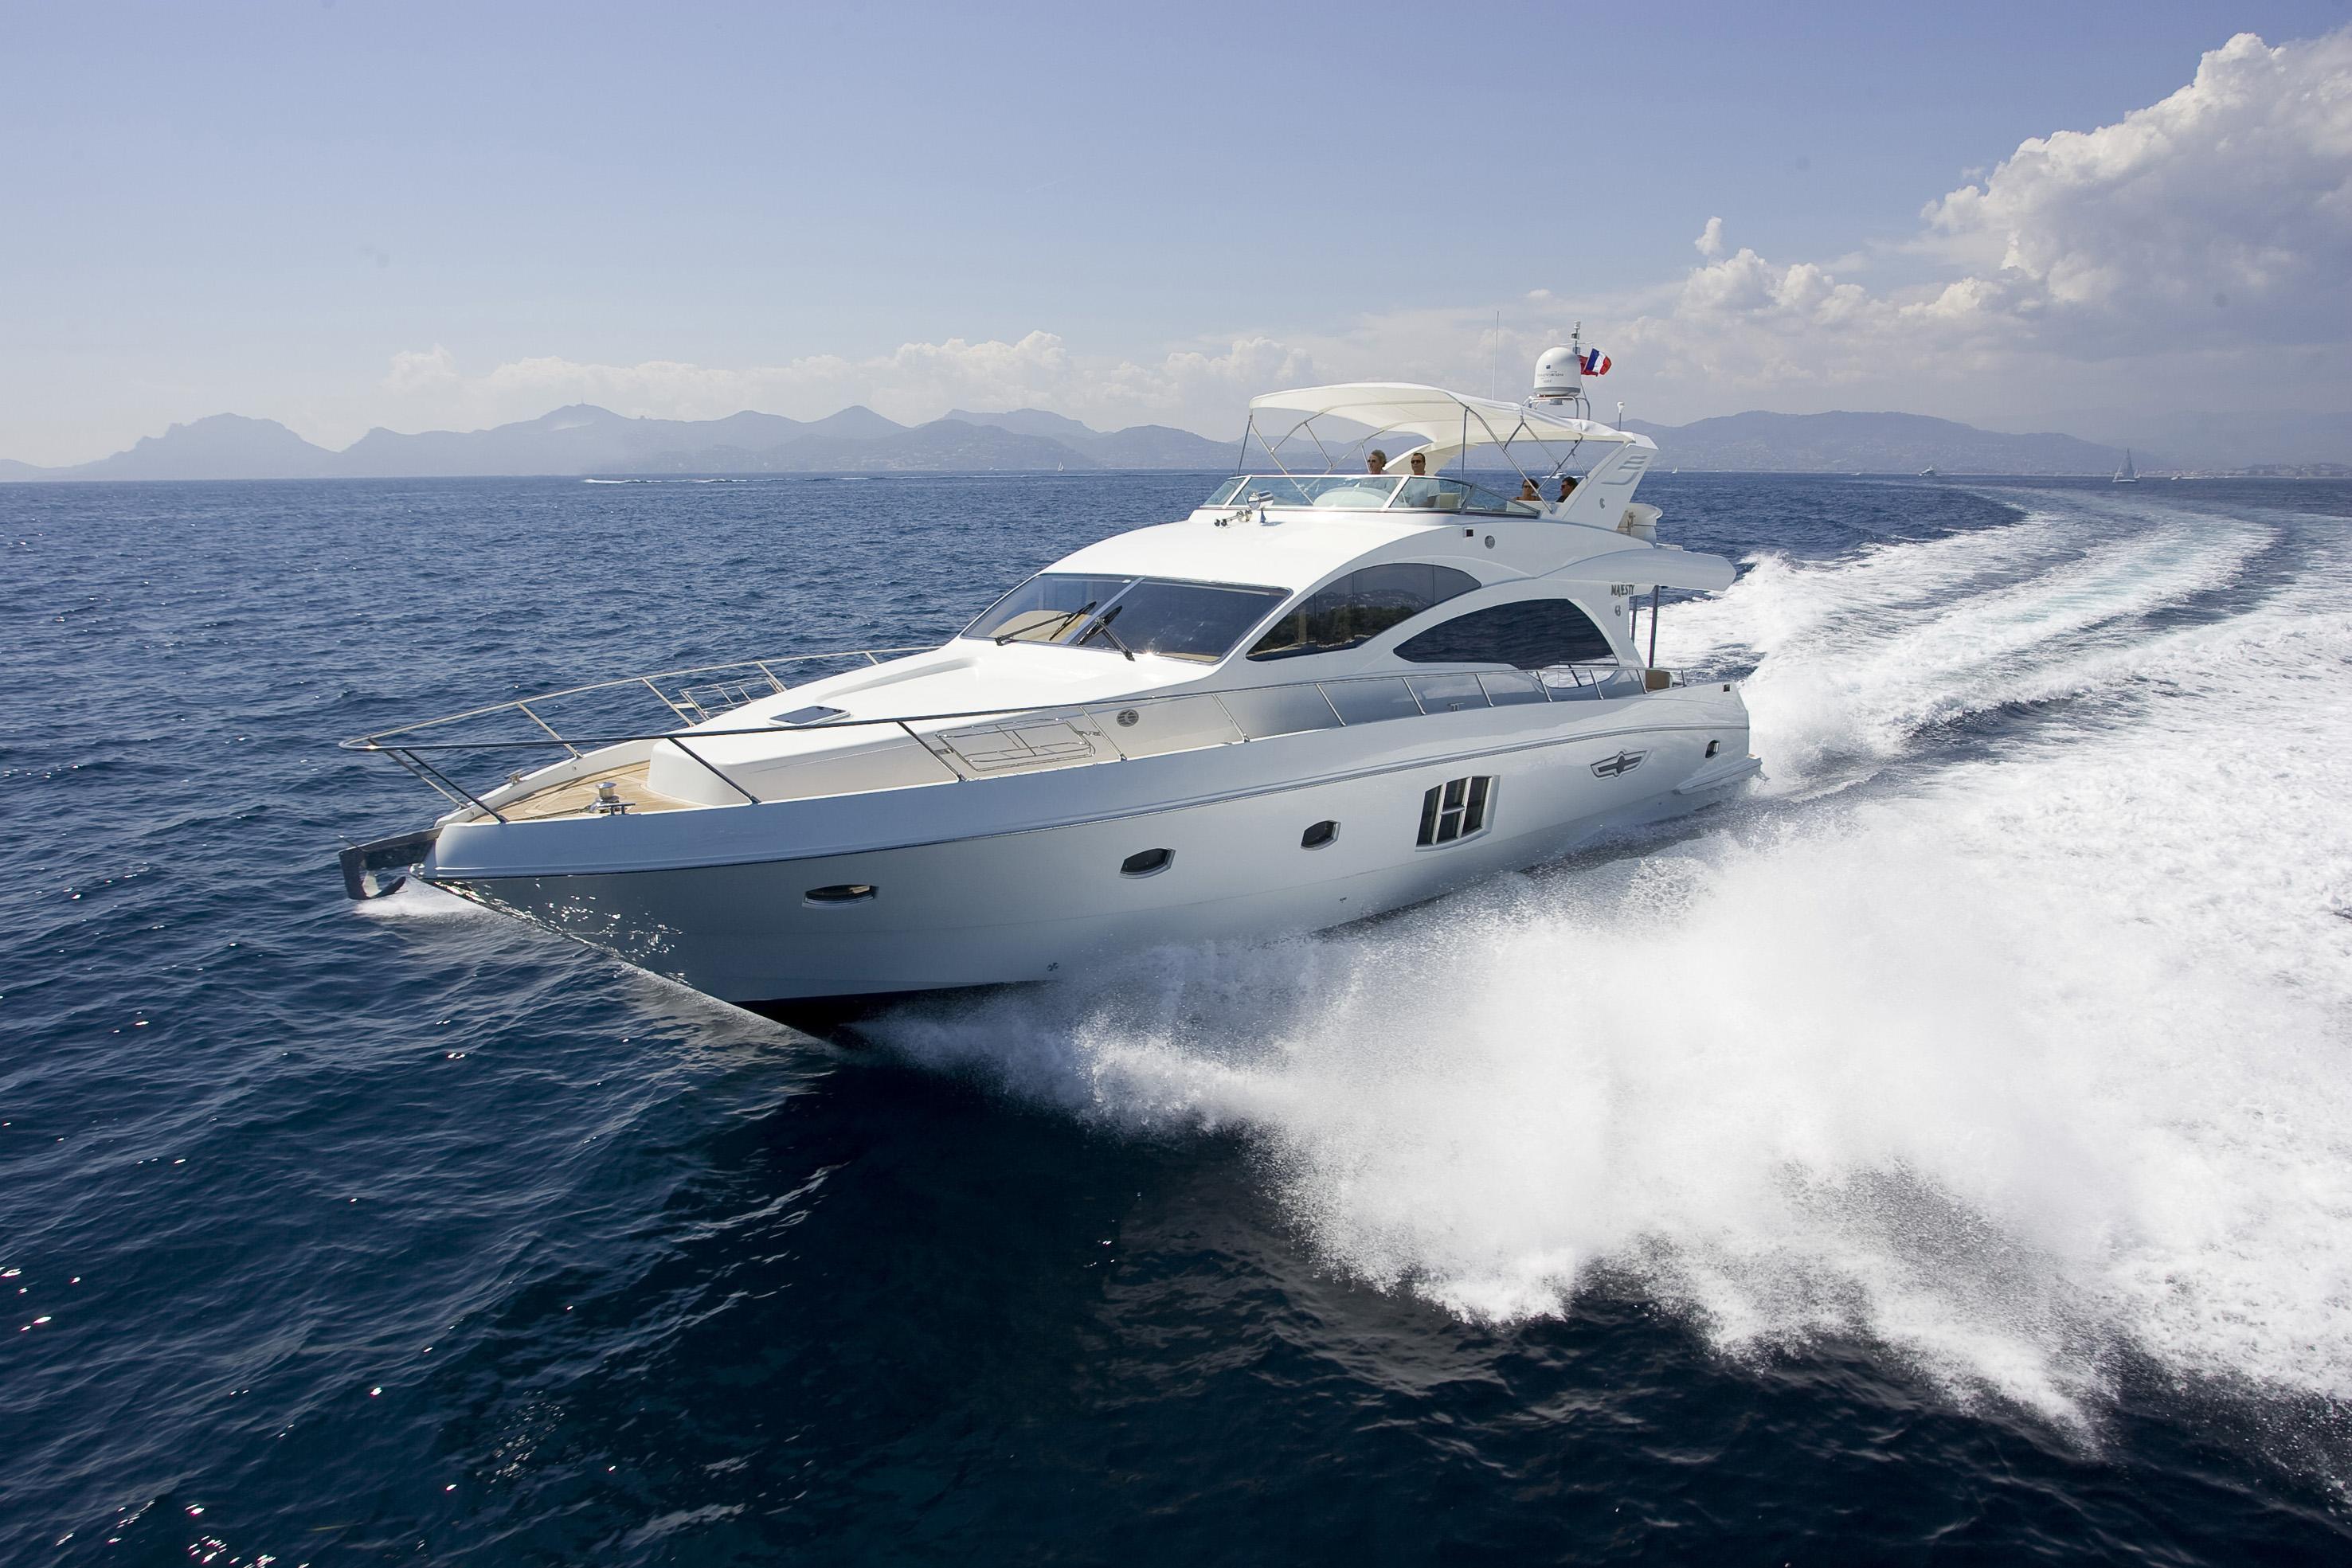 Majesty 63 Motor Yacht Yacht Charter Amp Superyacht News